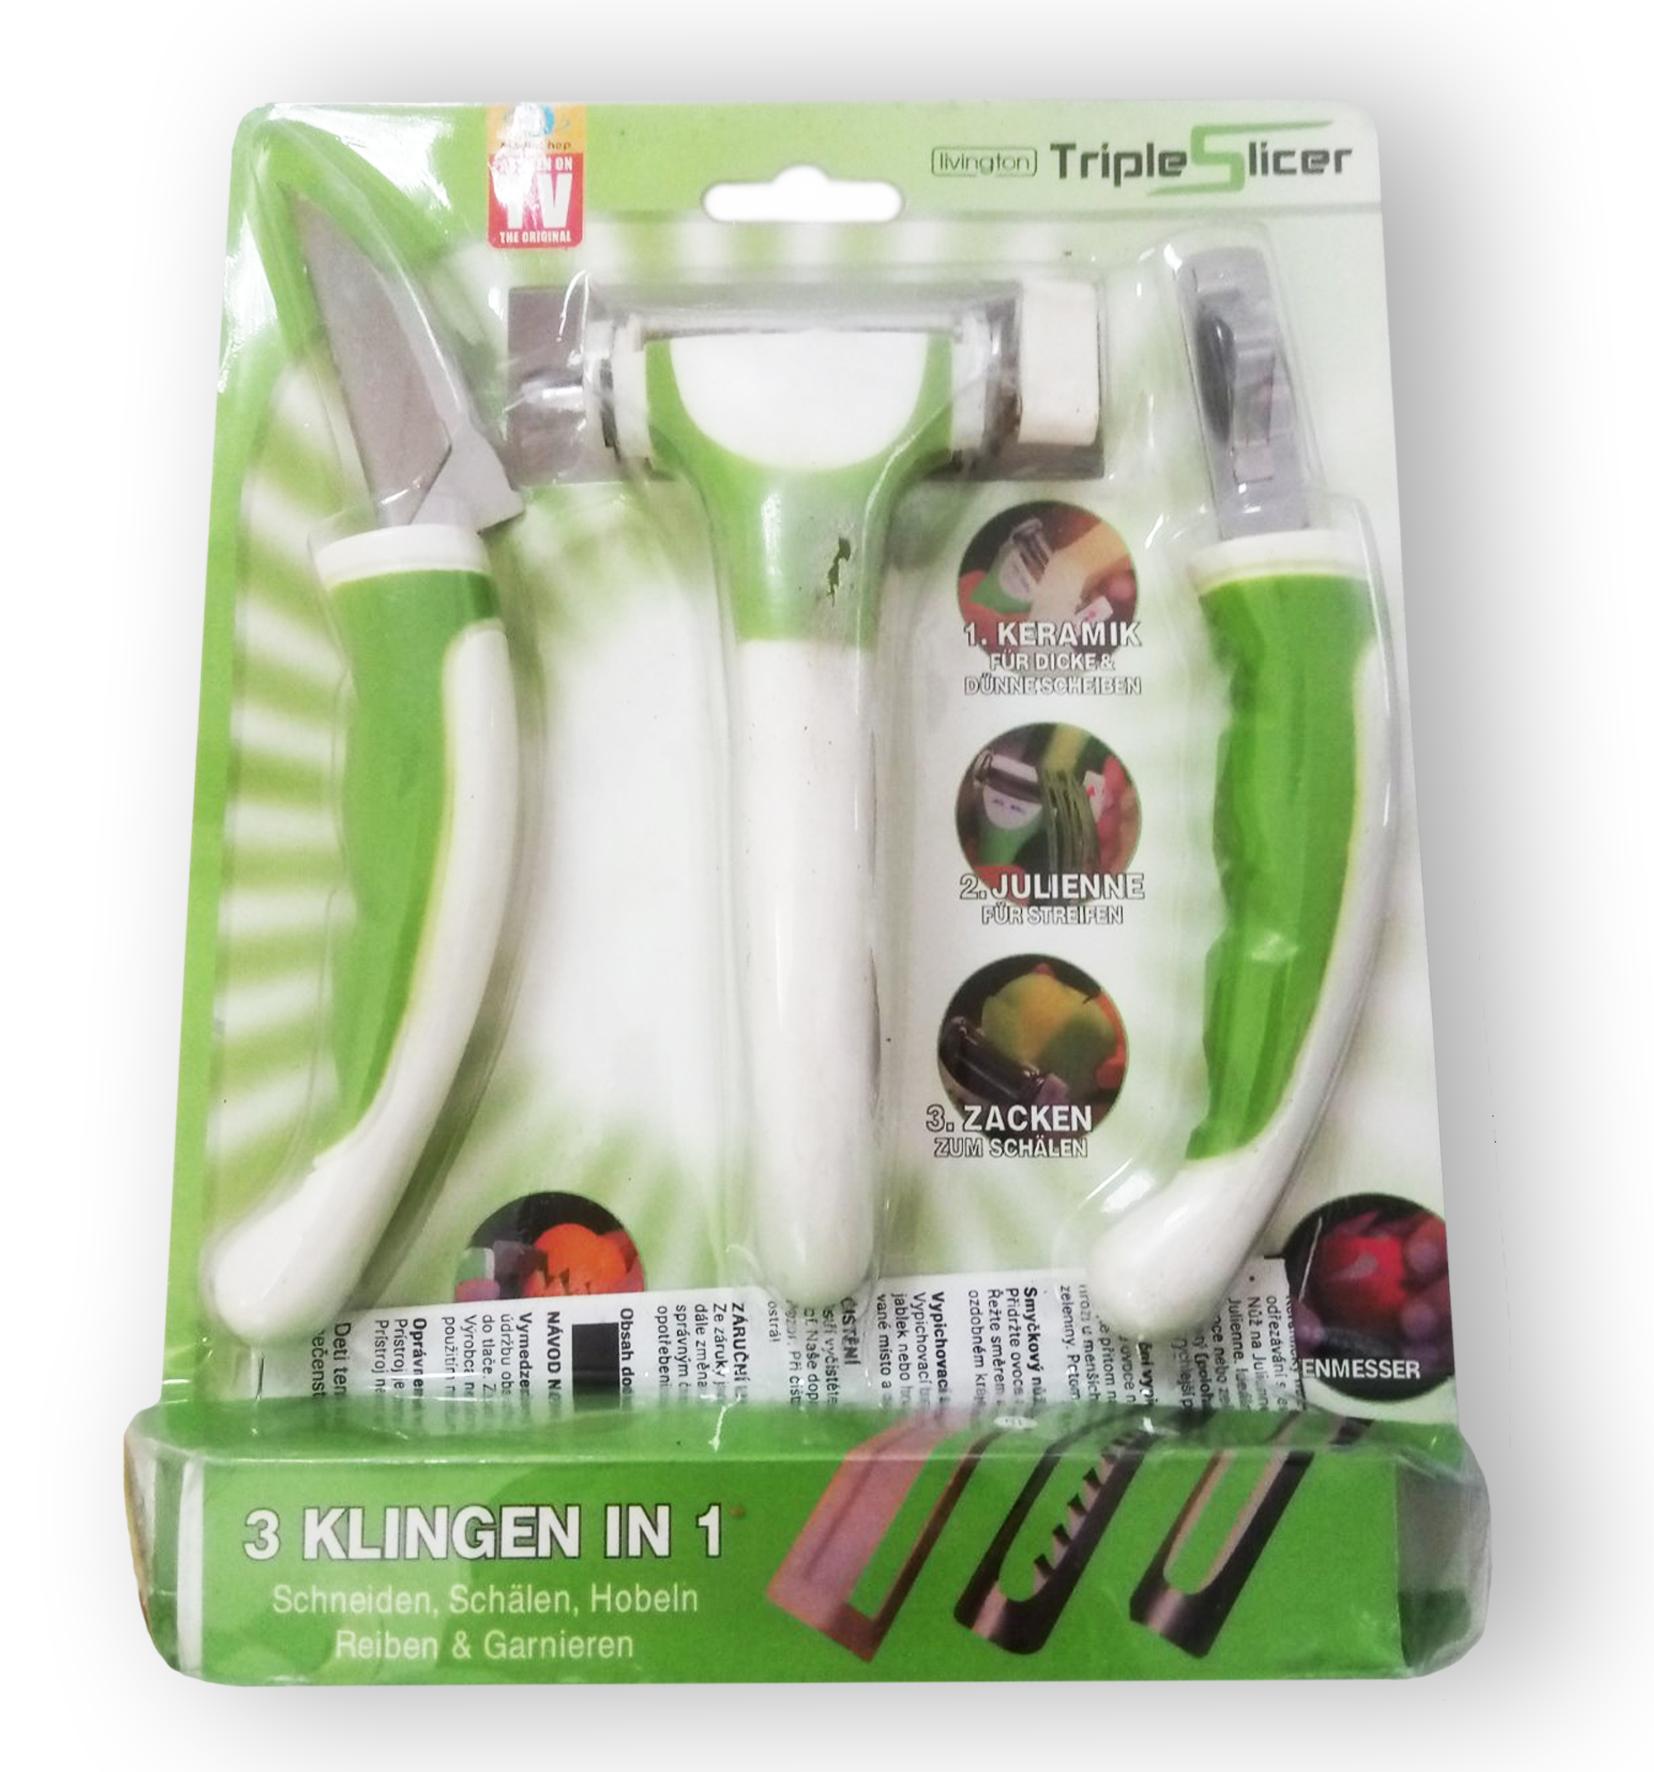 Triple Slicer - набор универсальных ножей для фигурной нарезки овощей и фруктов (Трипл Слайсер)